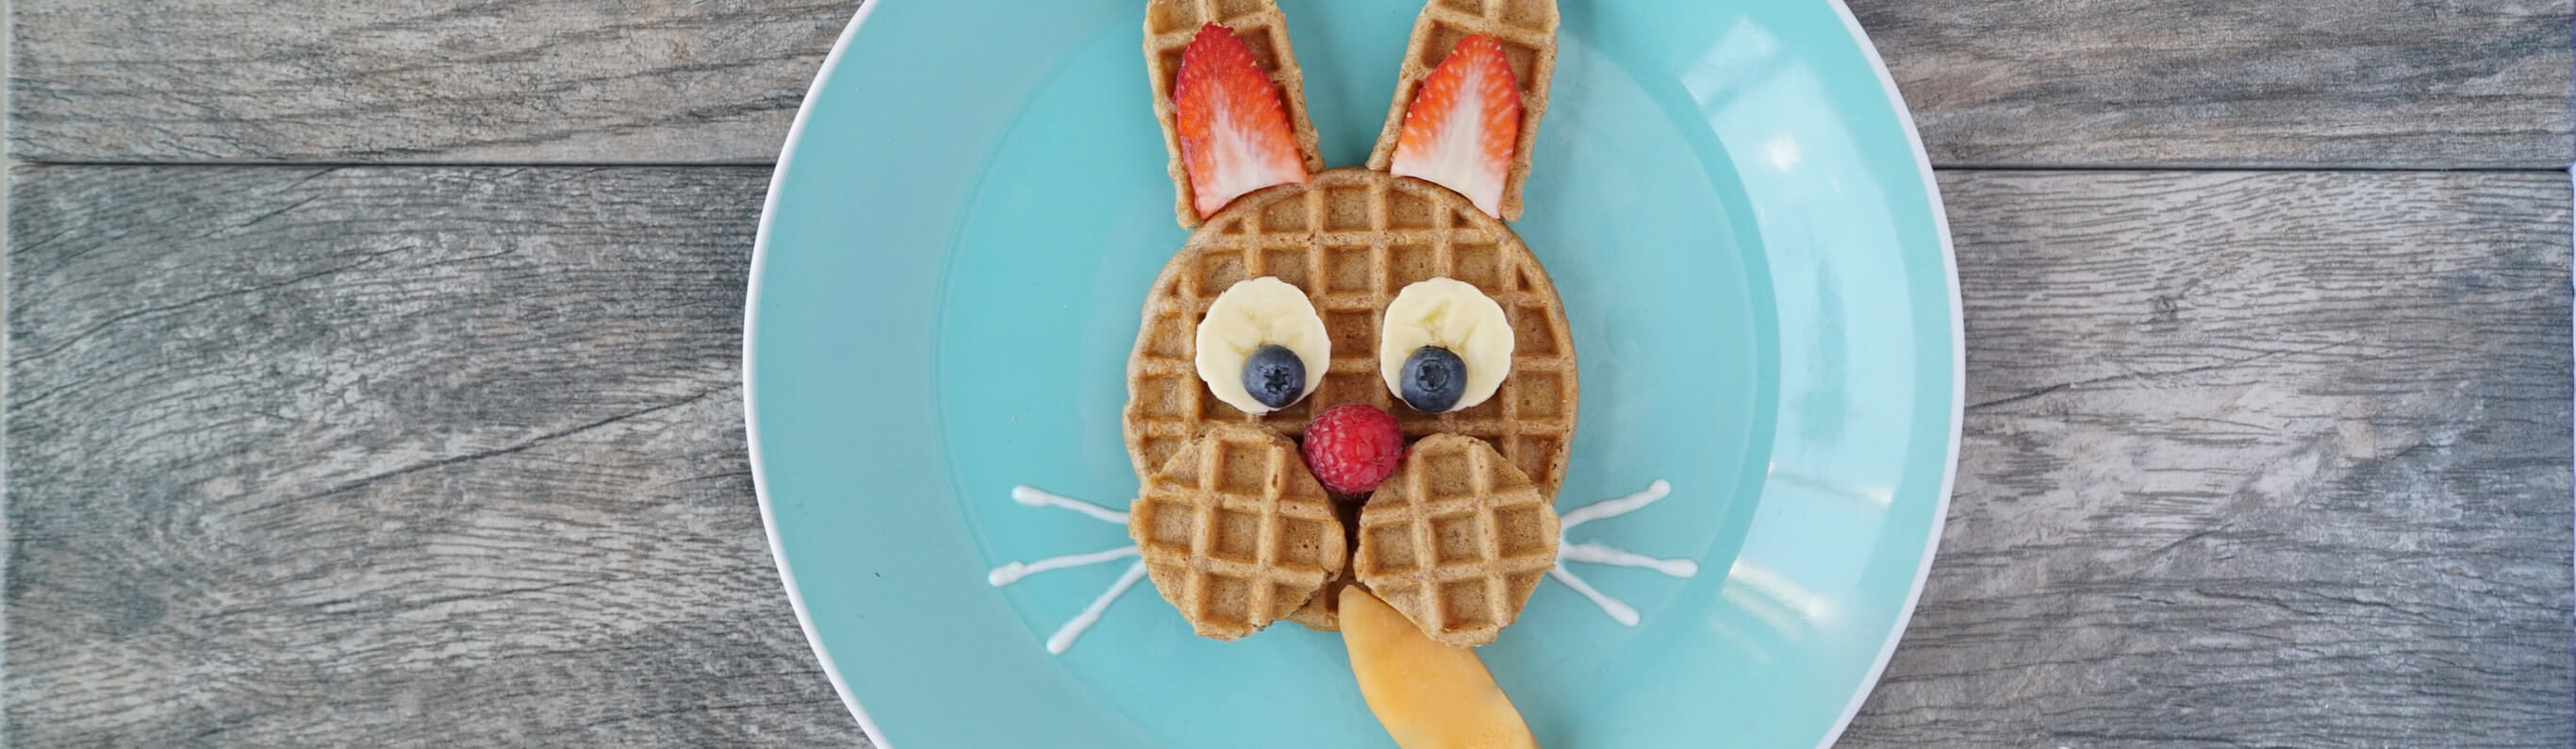 Hoppy Bunny Waffles